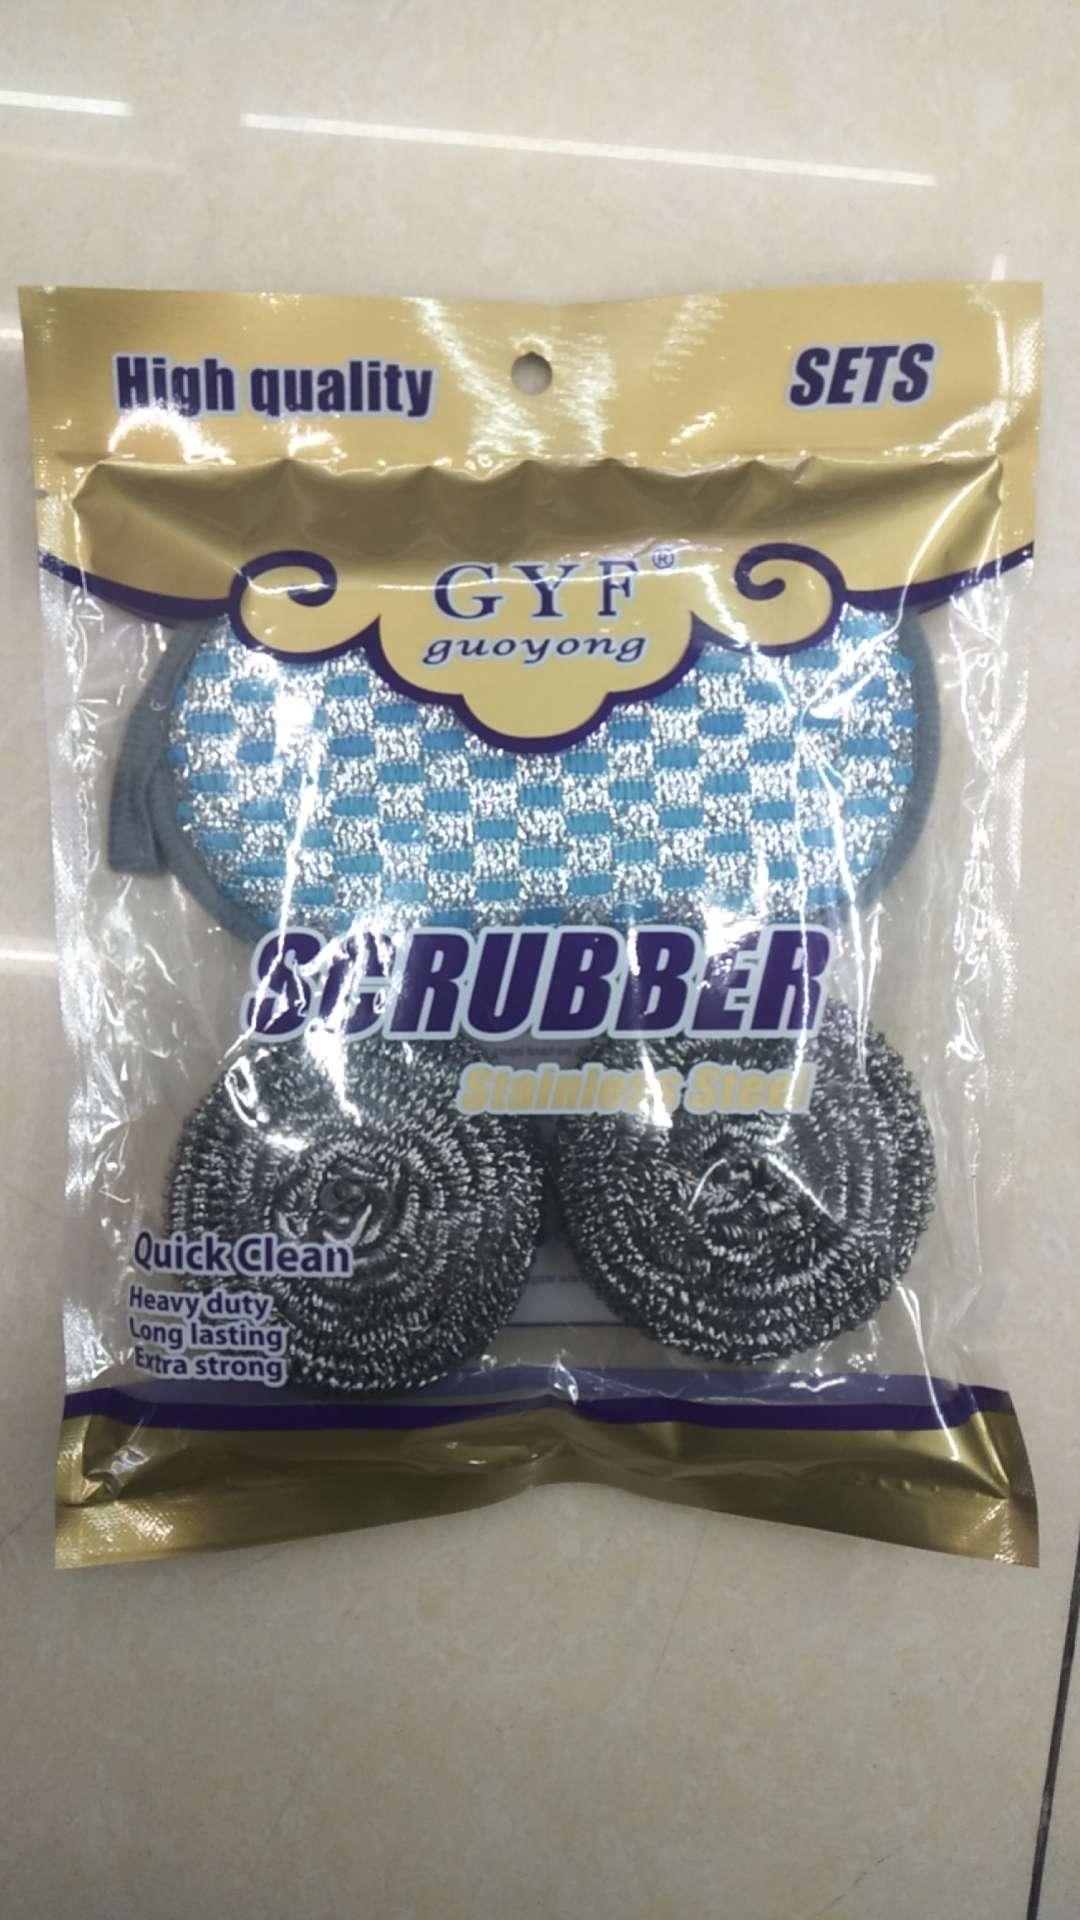 厂家直销国勇清洁球,货号H873,2个清洁球+卷边洗刷大王套装